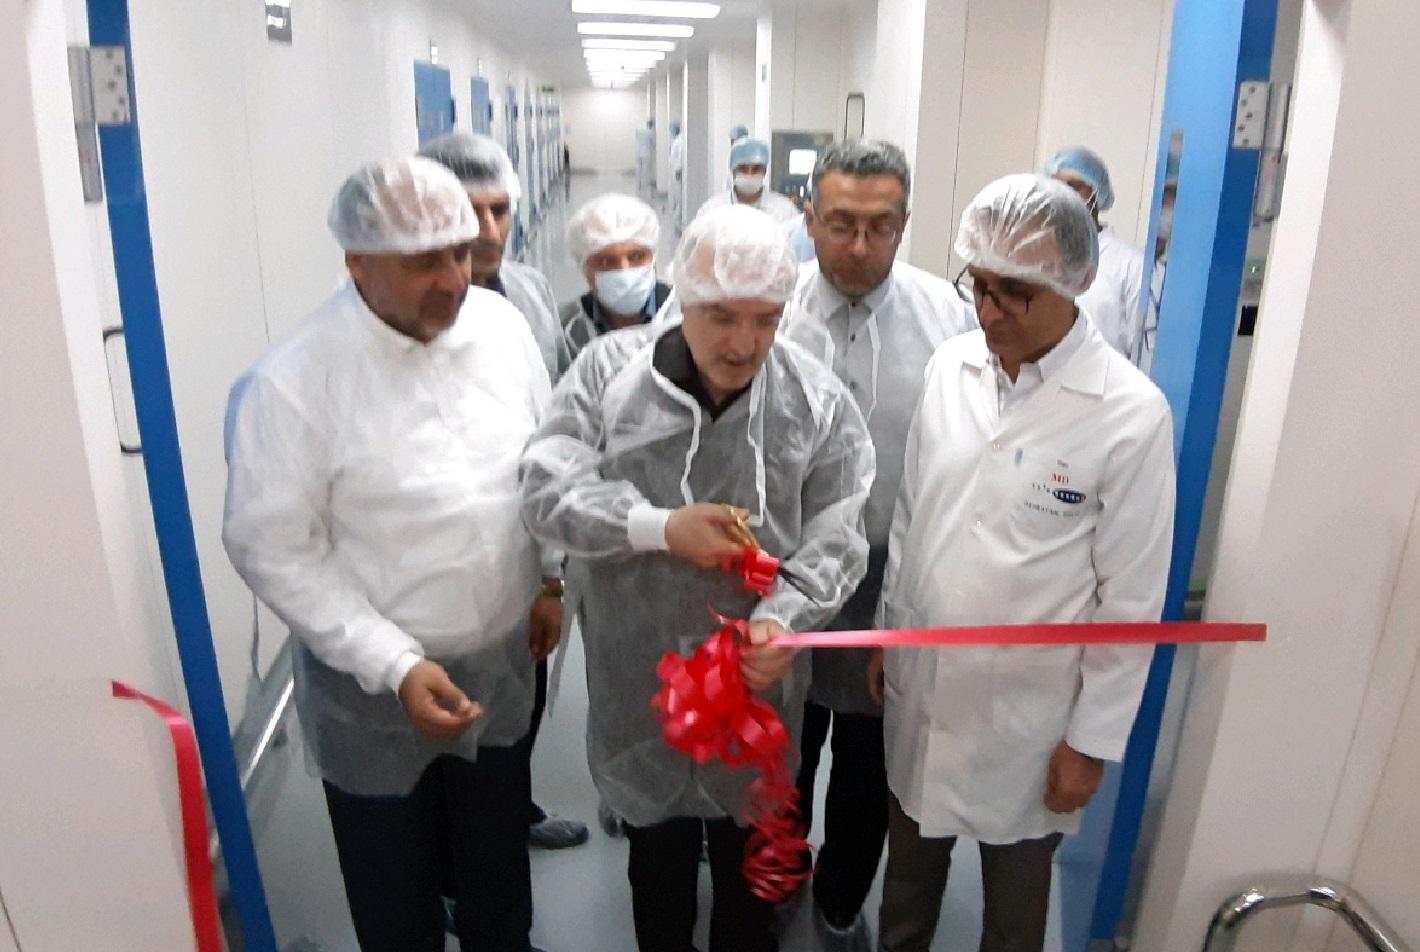 افتتاح خط تولید داروهای دیابت و اعصاب روان در ساوه